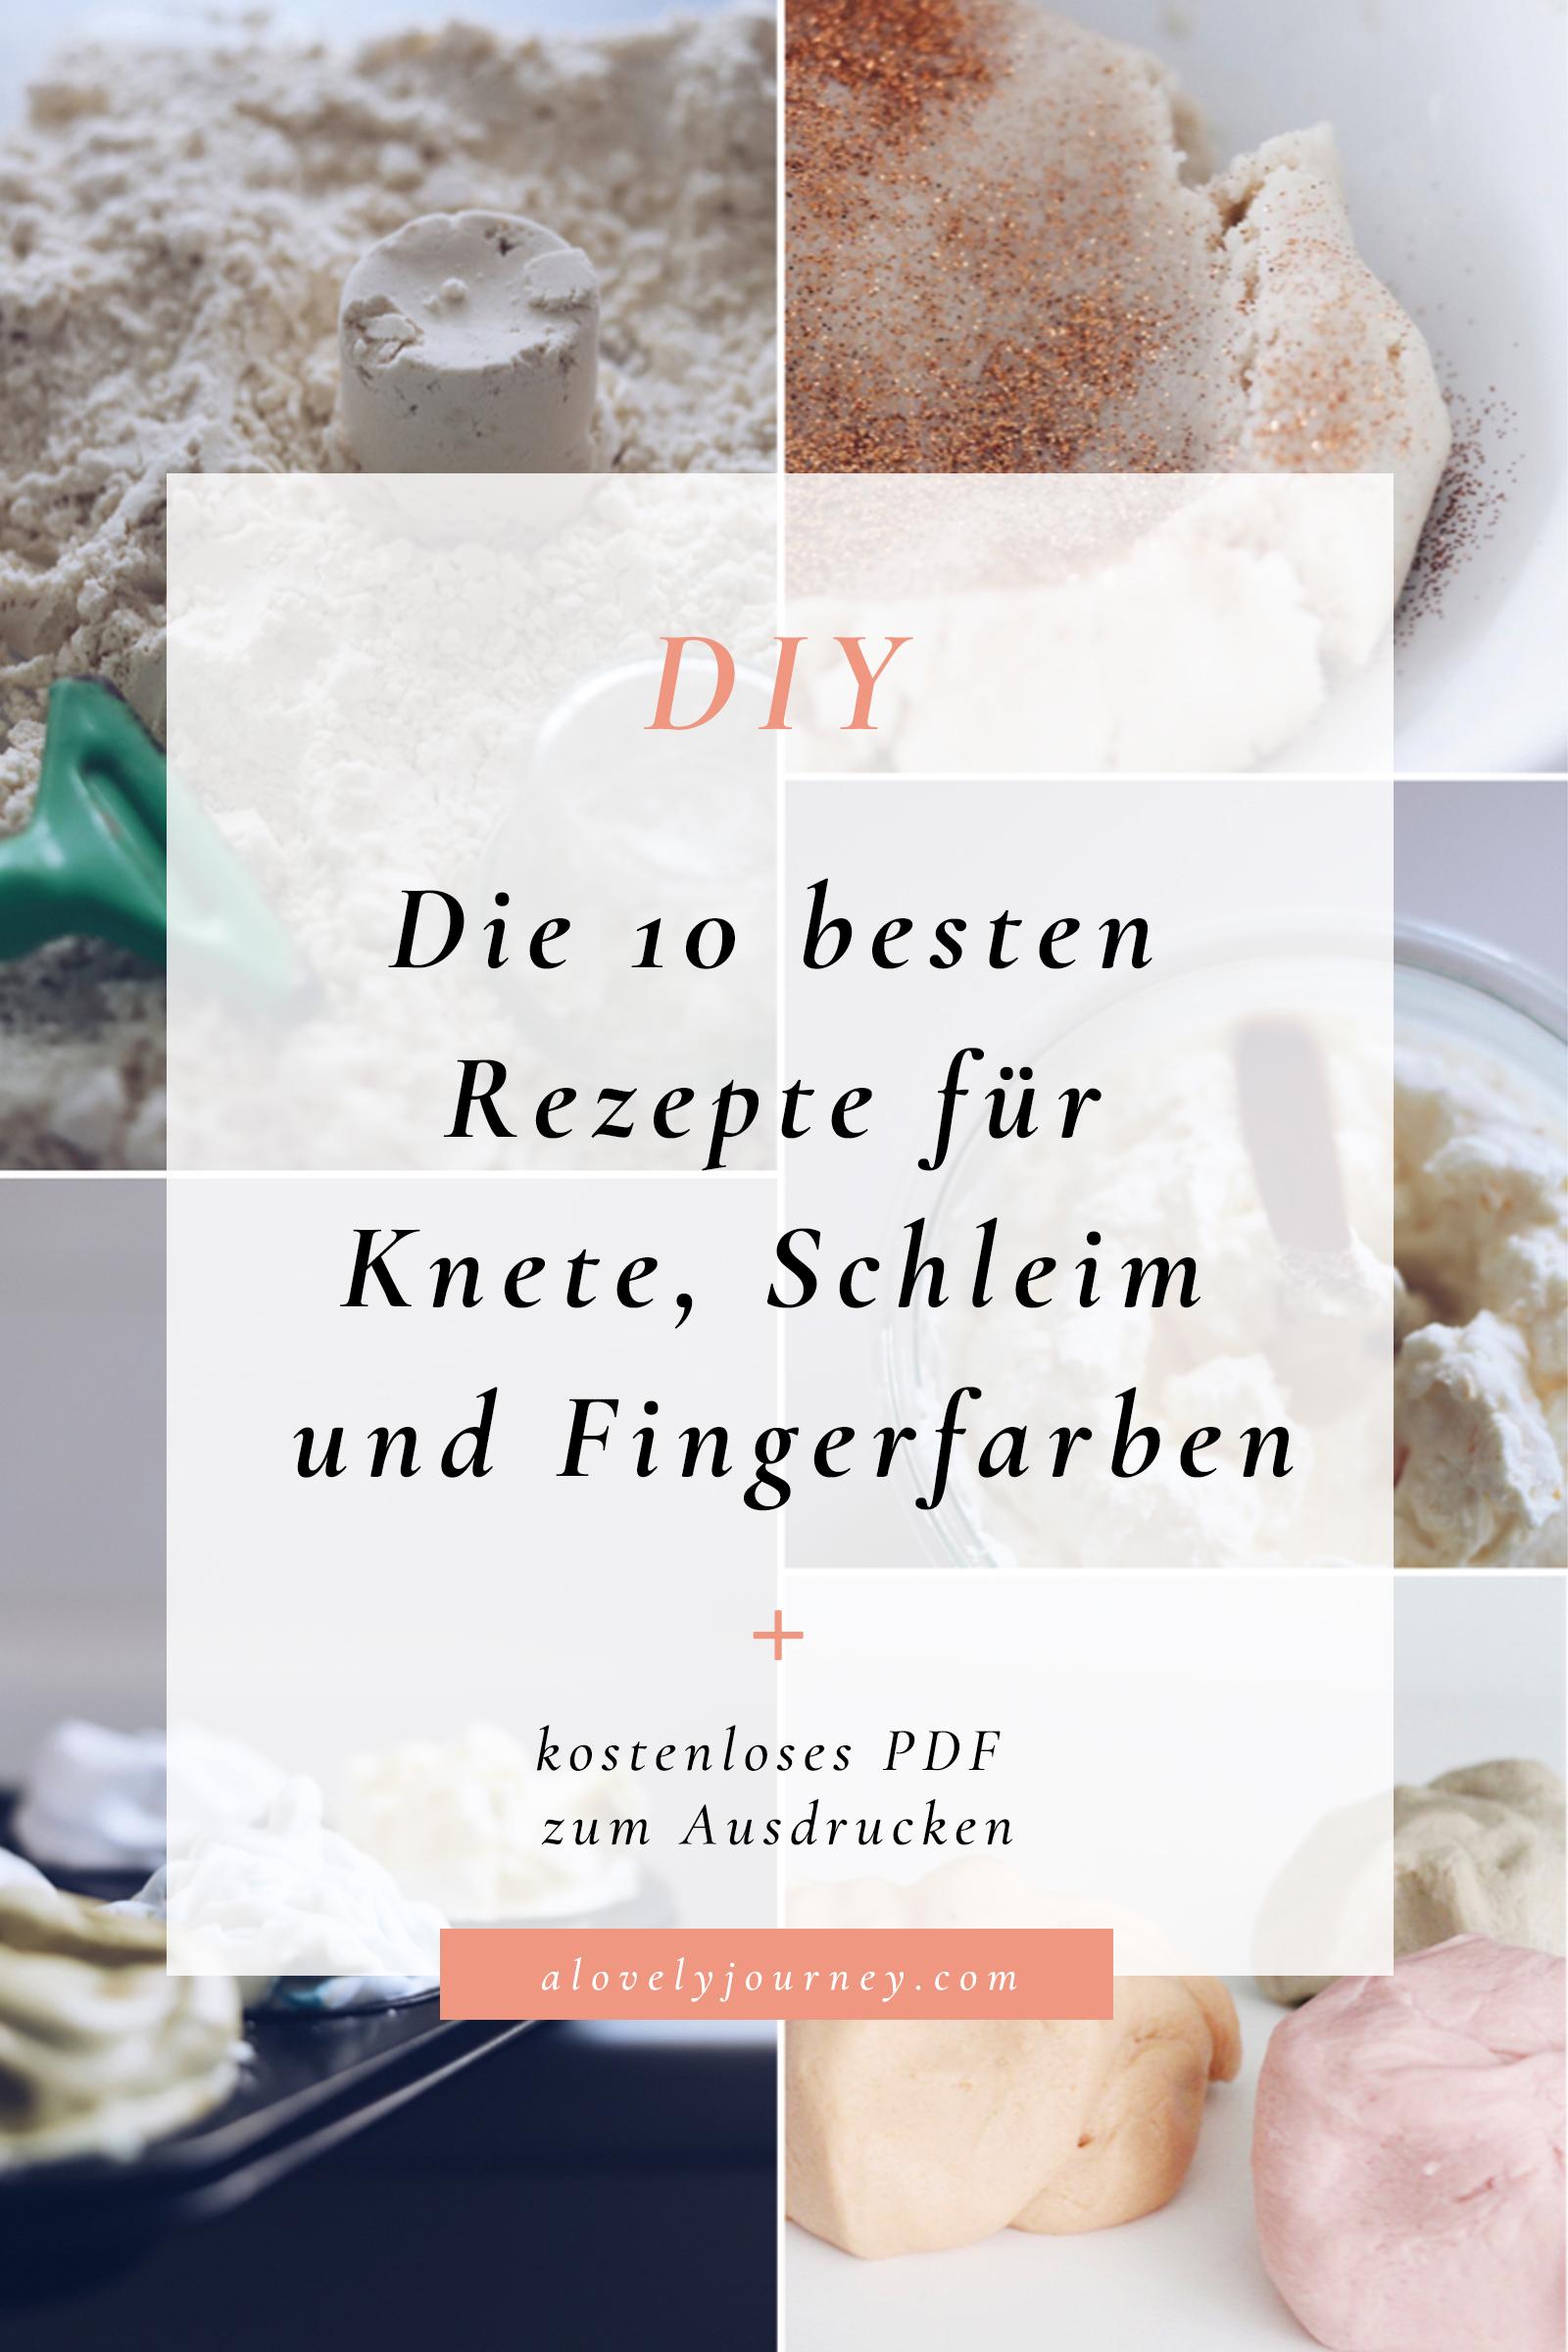 Die 10 besten DIY Rezepte für Knete, Schleim und Fingerfarben